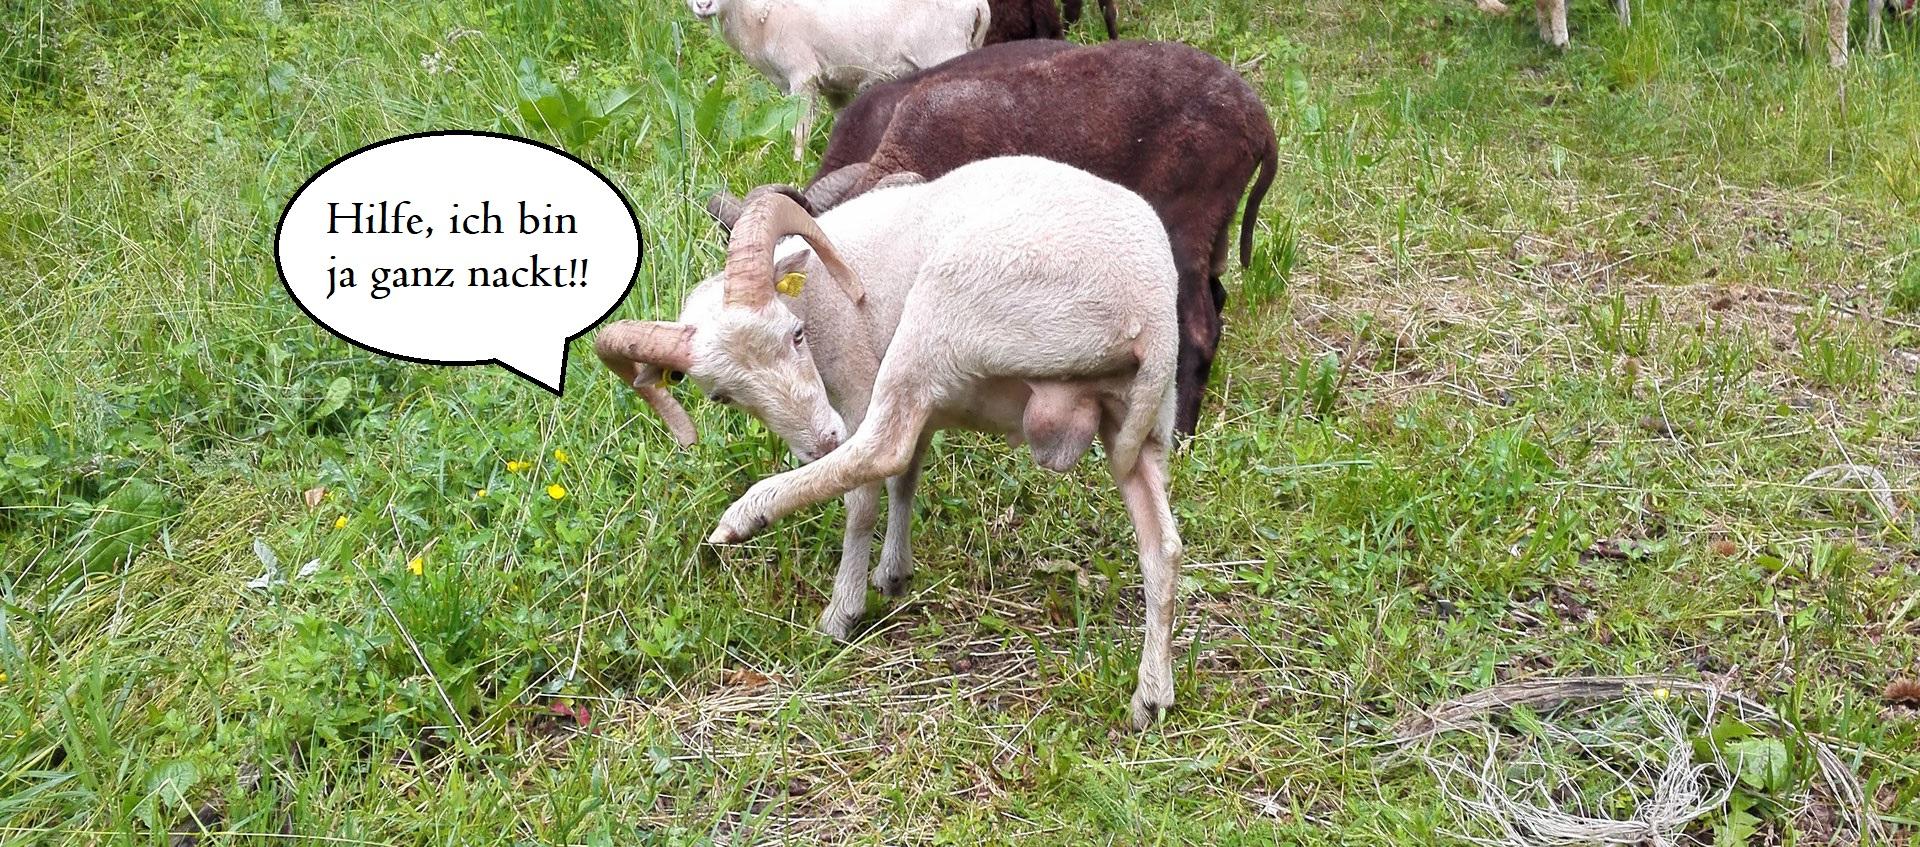 Prächtig Das Scheren von Ouessants... - Ouessant Schafe aus Südtirol #ND_99